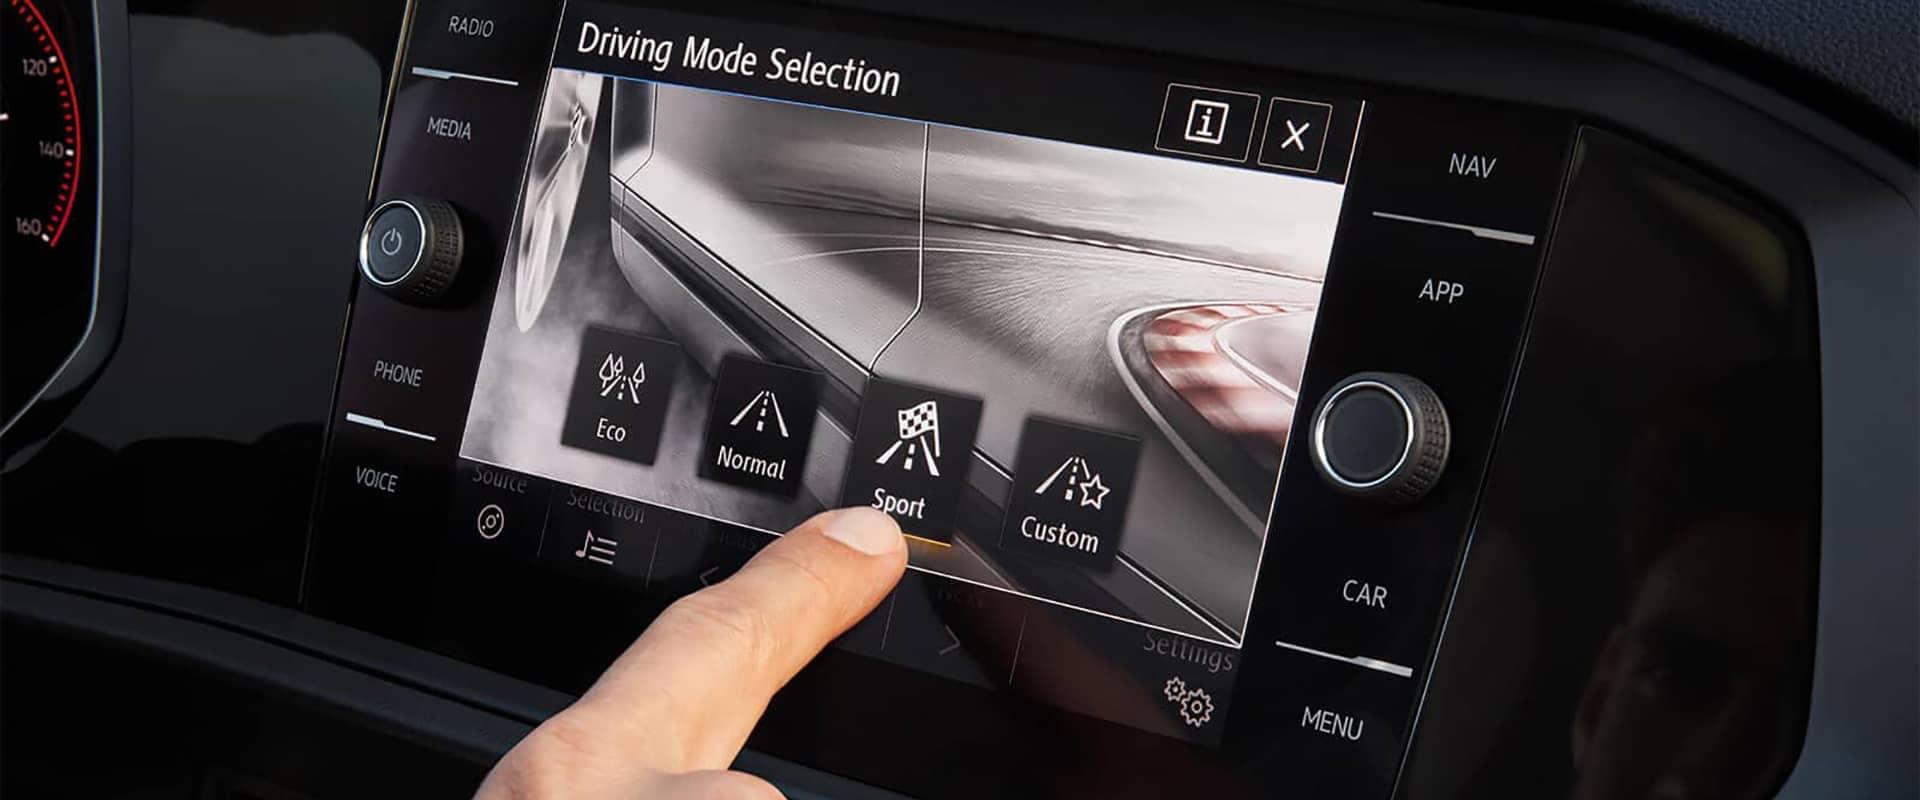 2019 VW Jetta Camera